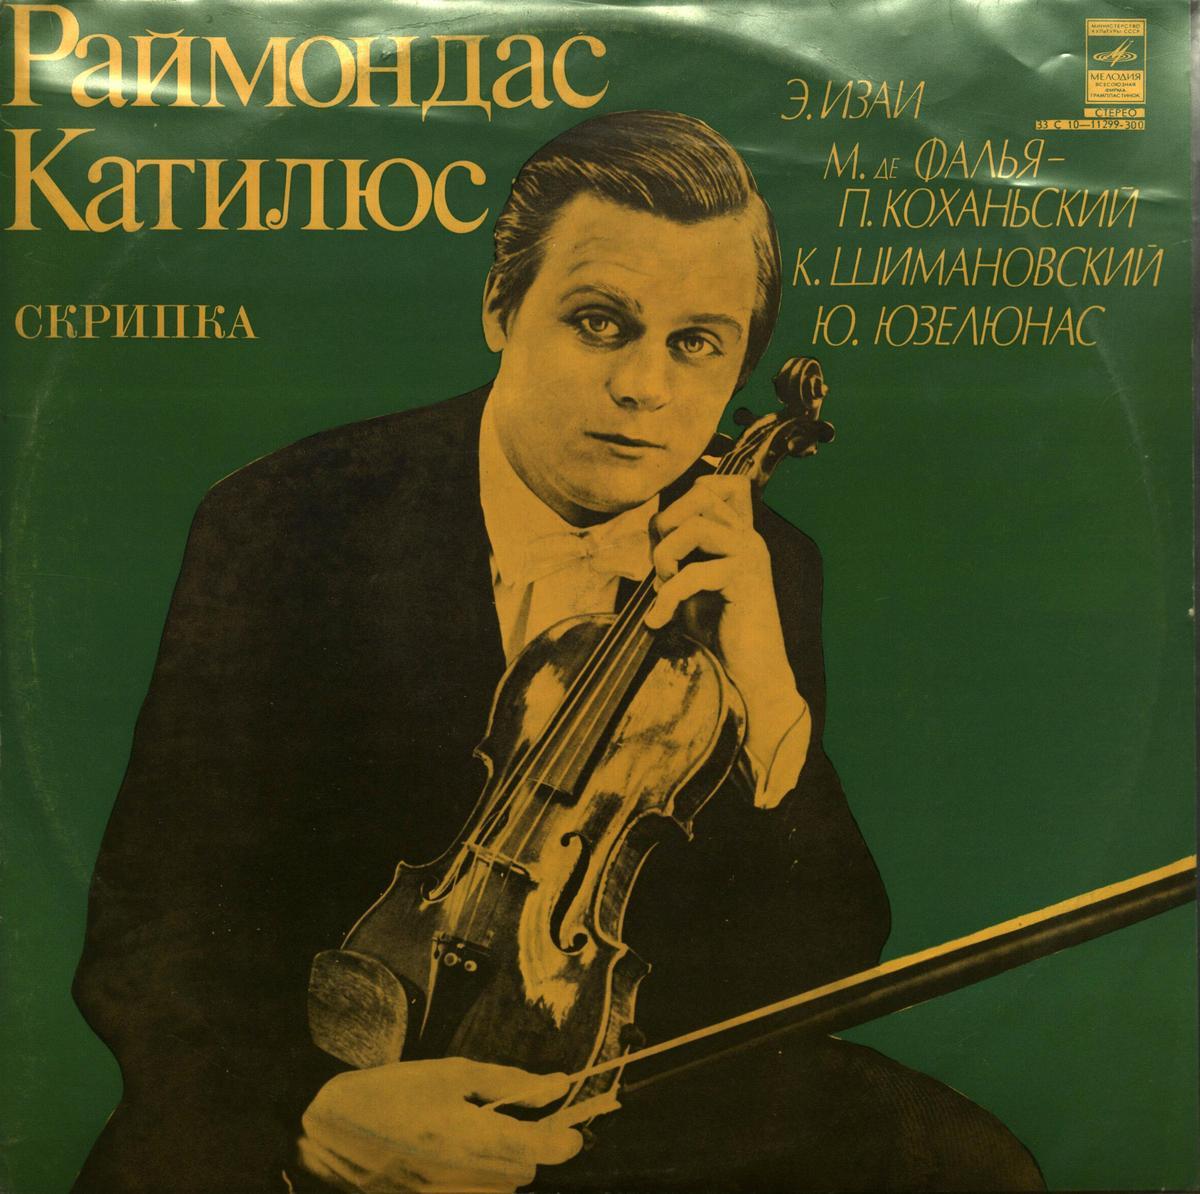 Раймондас Катилюс, скрипка